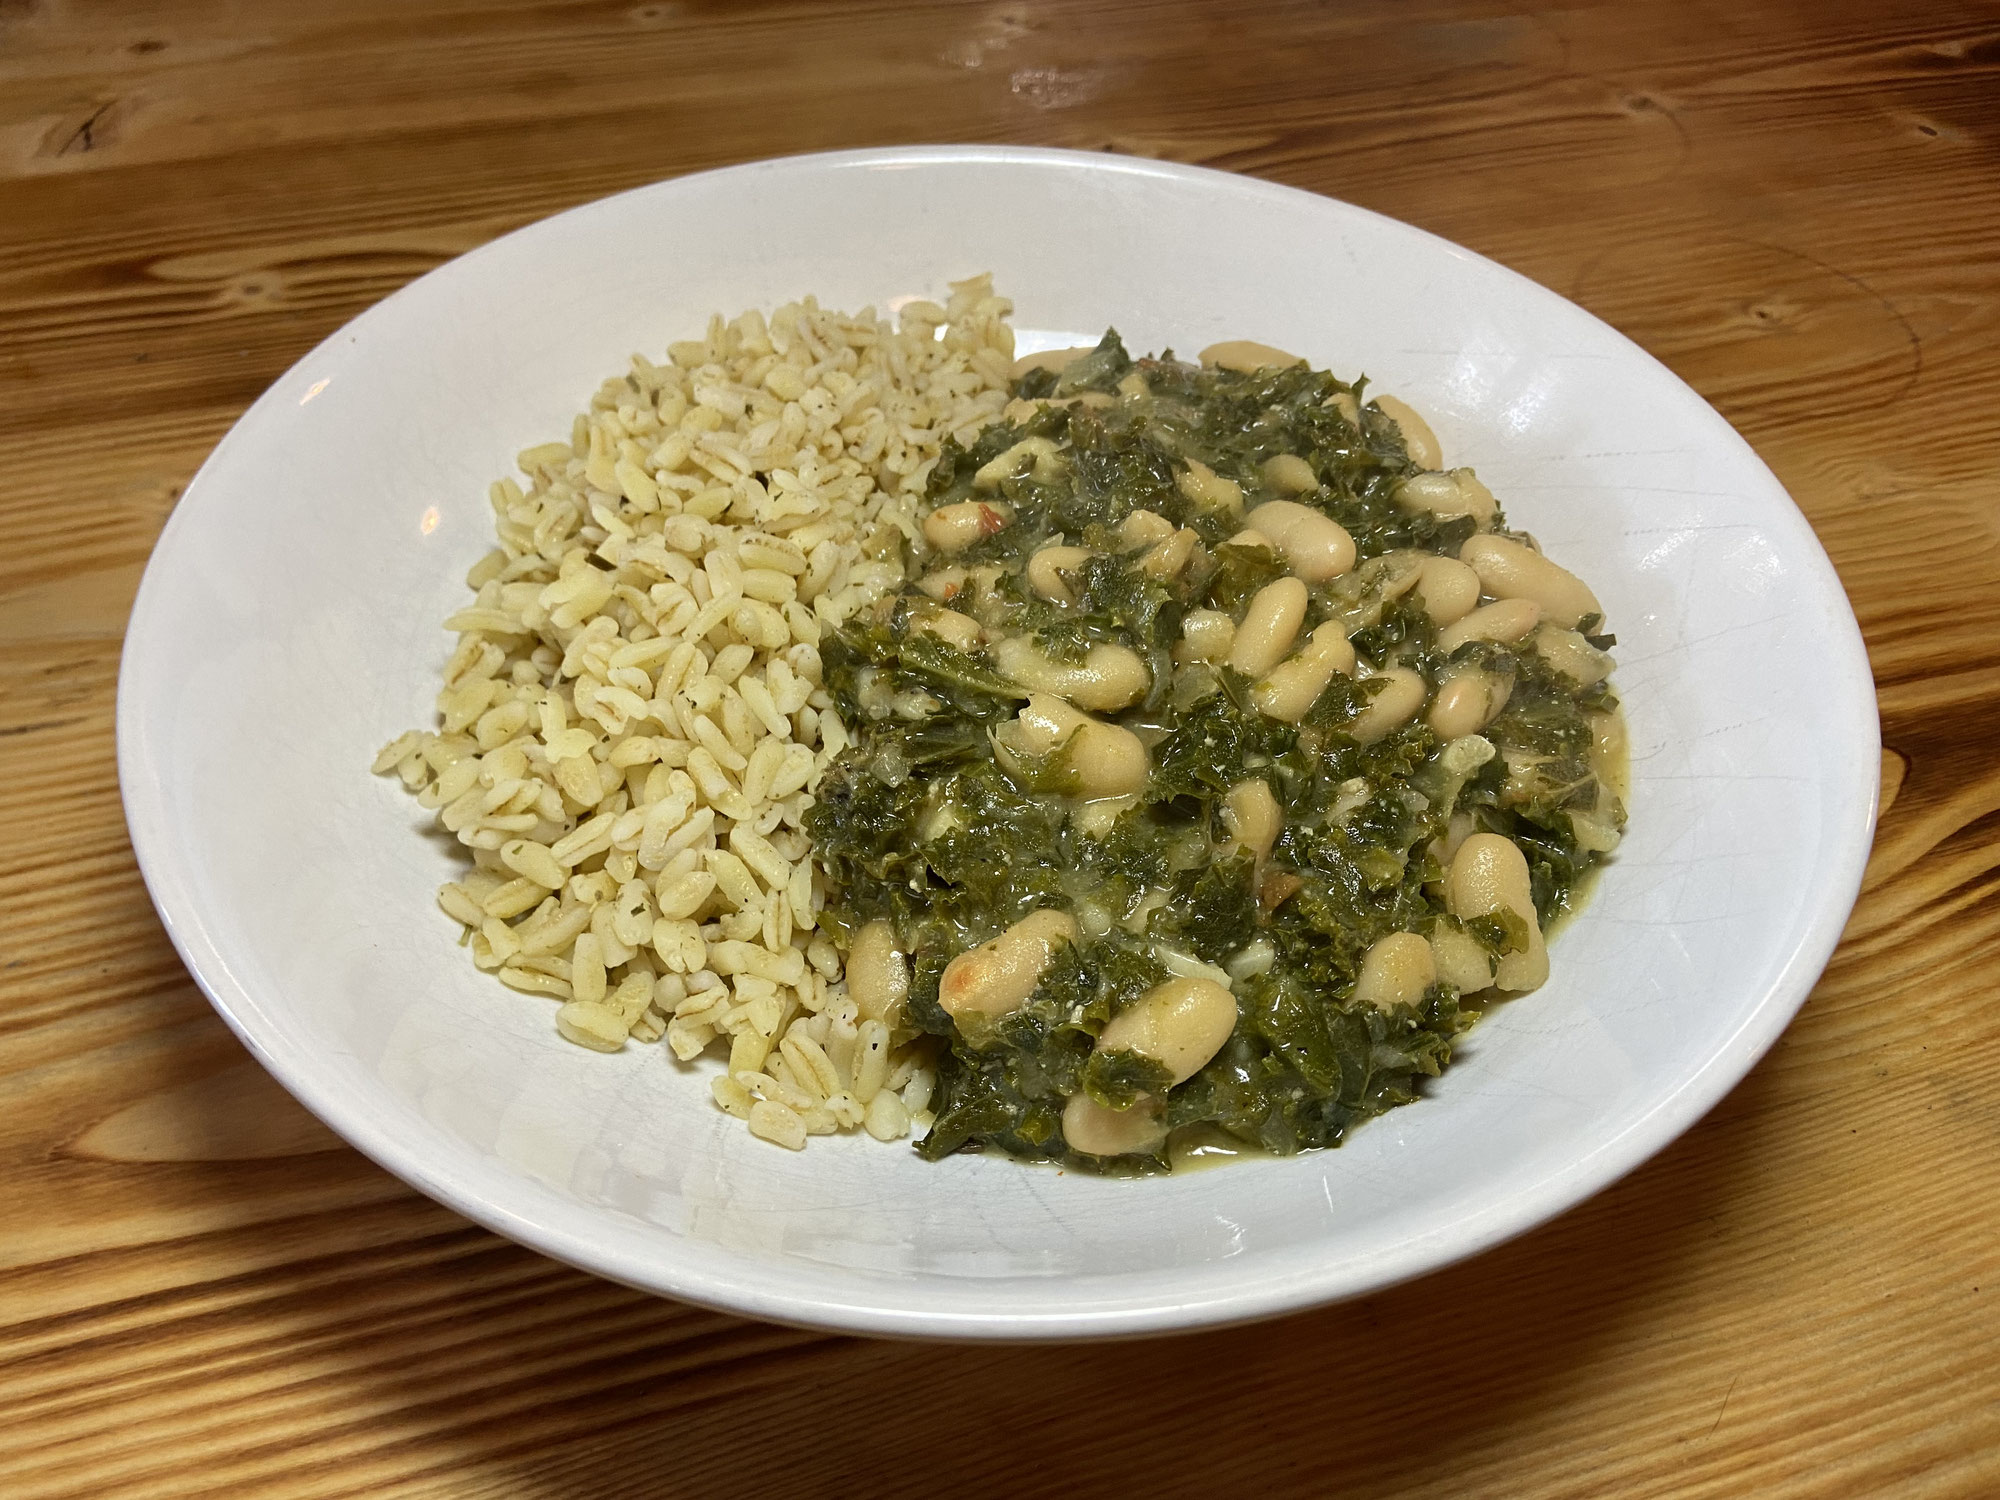 Grünkohlpfanne mit Bohnen und Ebly (Weizen)